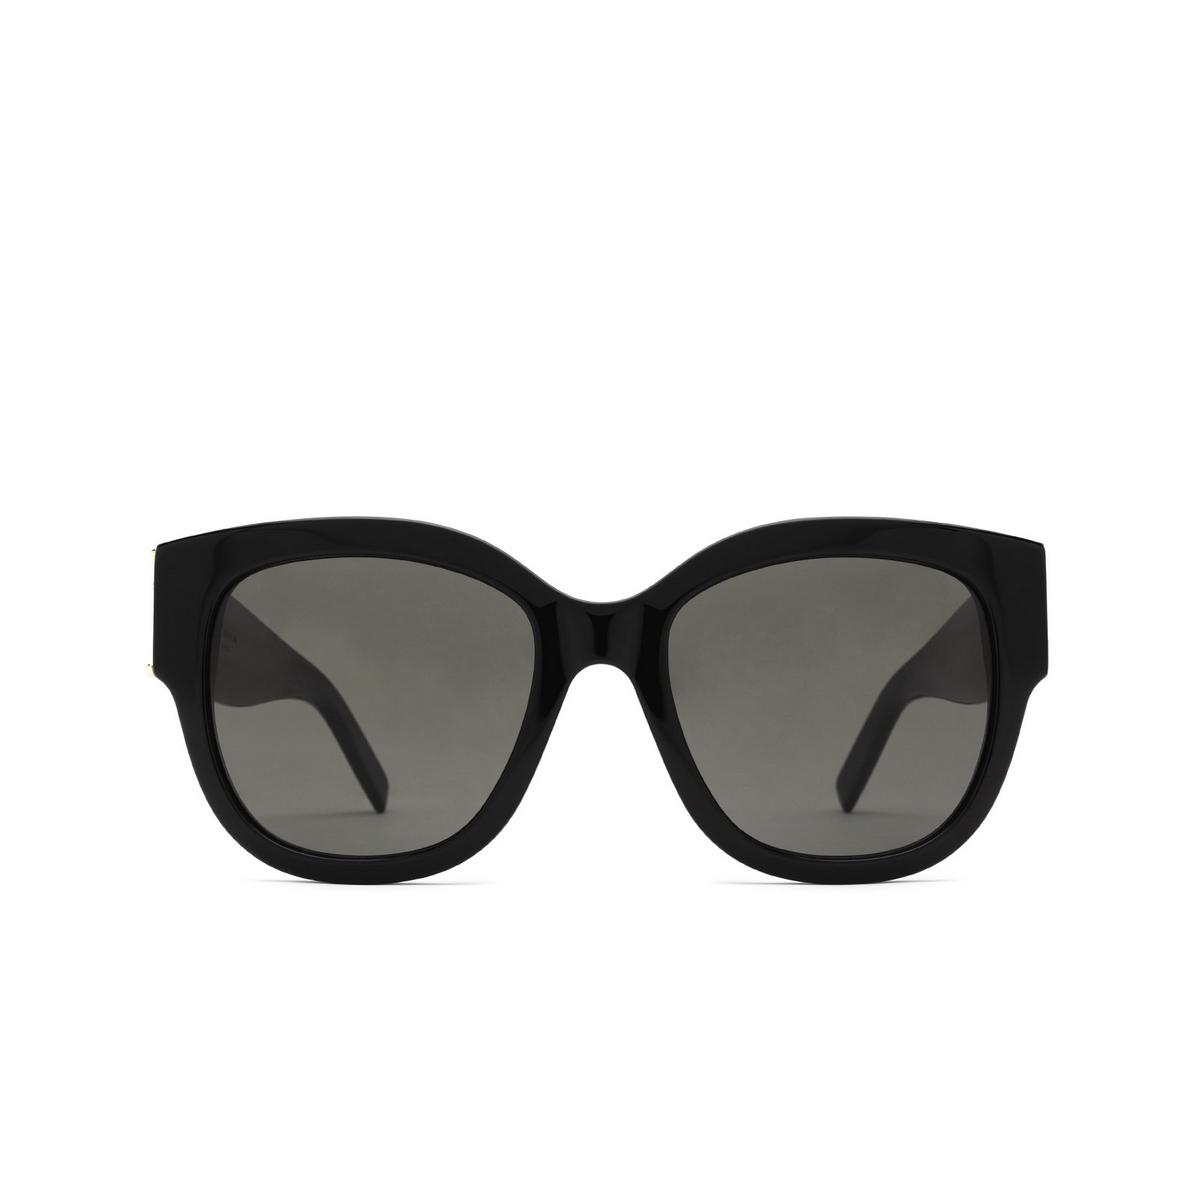 Saint Laurent® Butterfly Sunglasses: SL M95/F color Black 001 - front view.